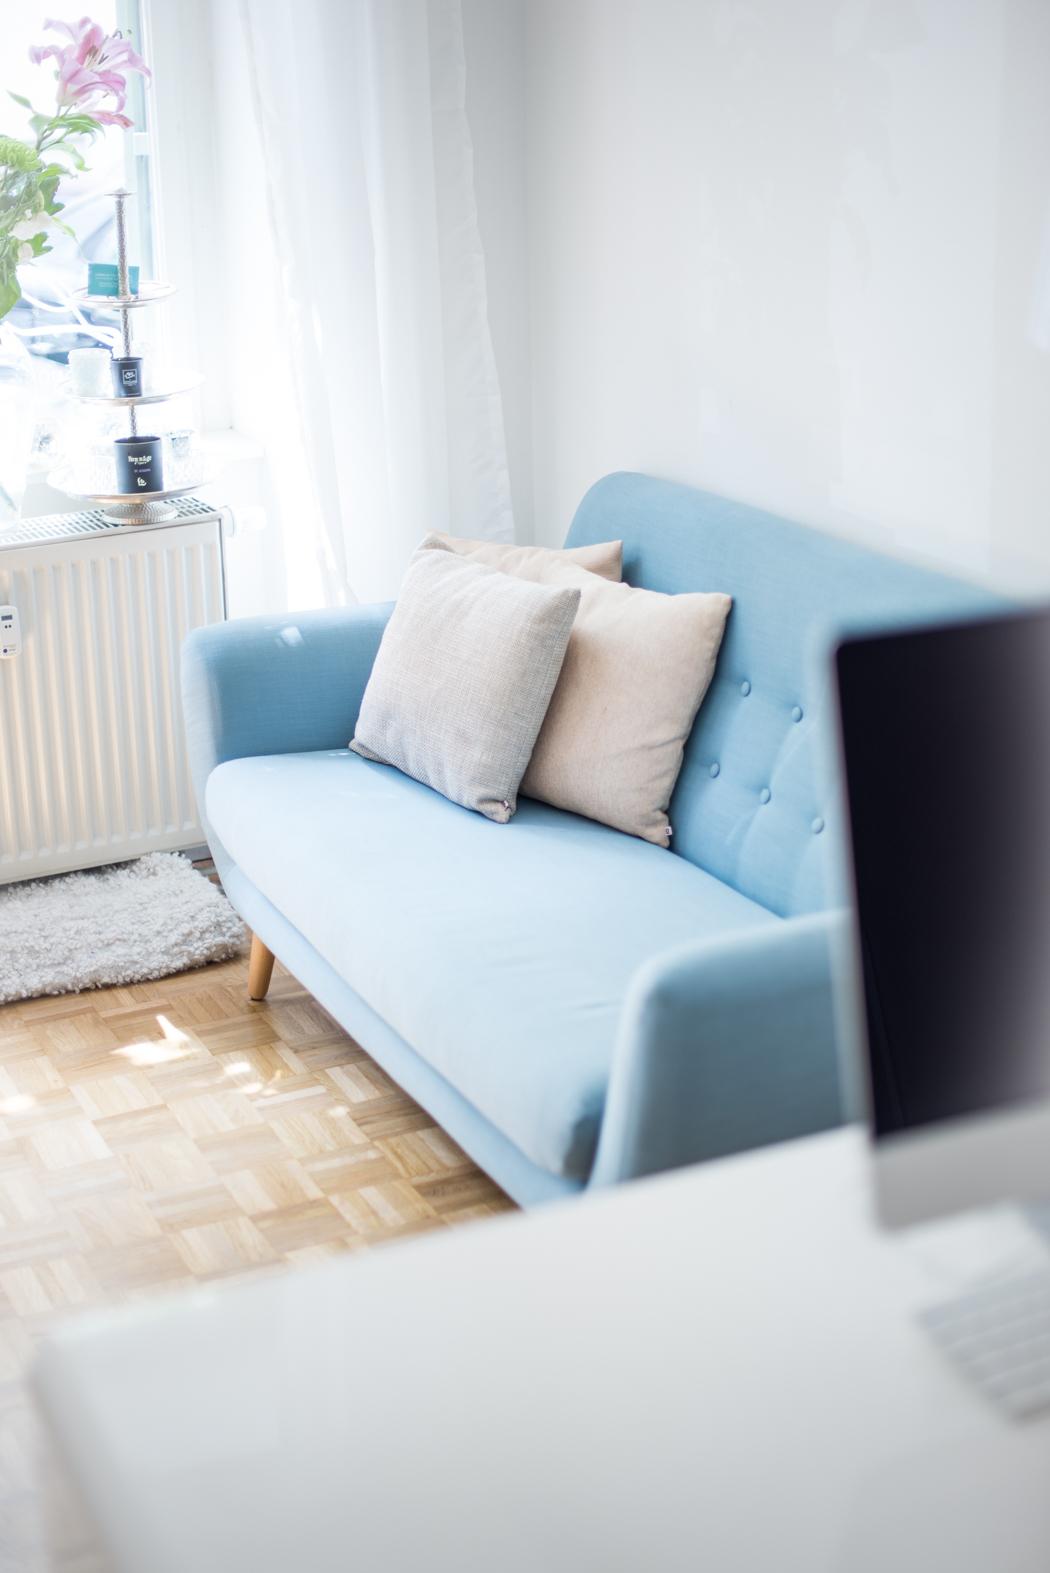 Fashionblog-Fashionblogger-Fashion-Blog-München-Deutschland-Munich-Lindarella-Linda-Rella-Büro-Arbeitszimmer-Interior-Interieur-Office-13